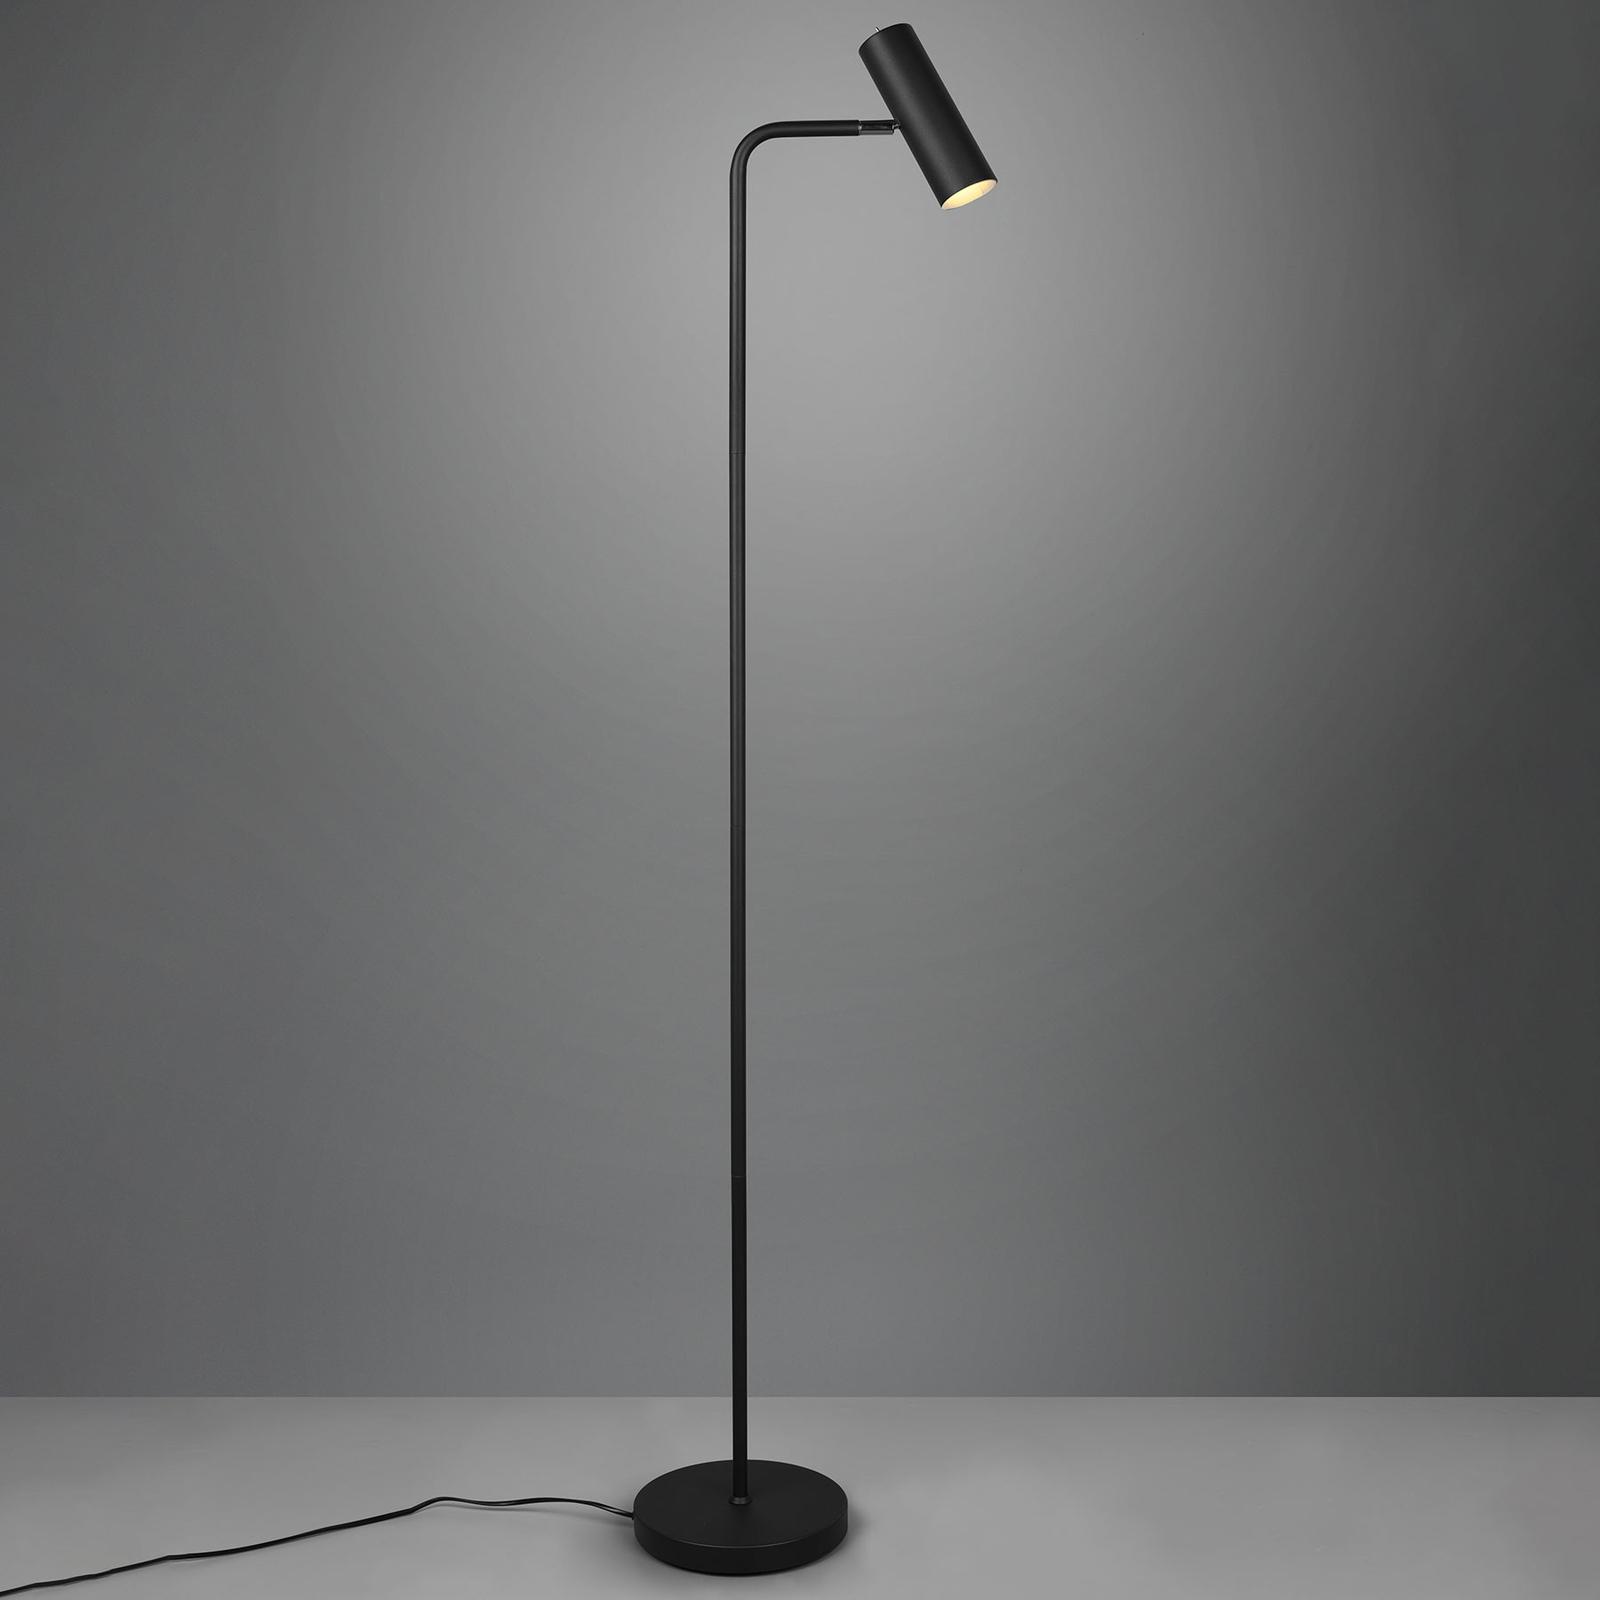 Stehlampe Marley, schwarz matt